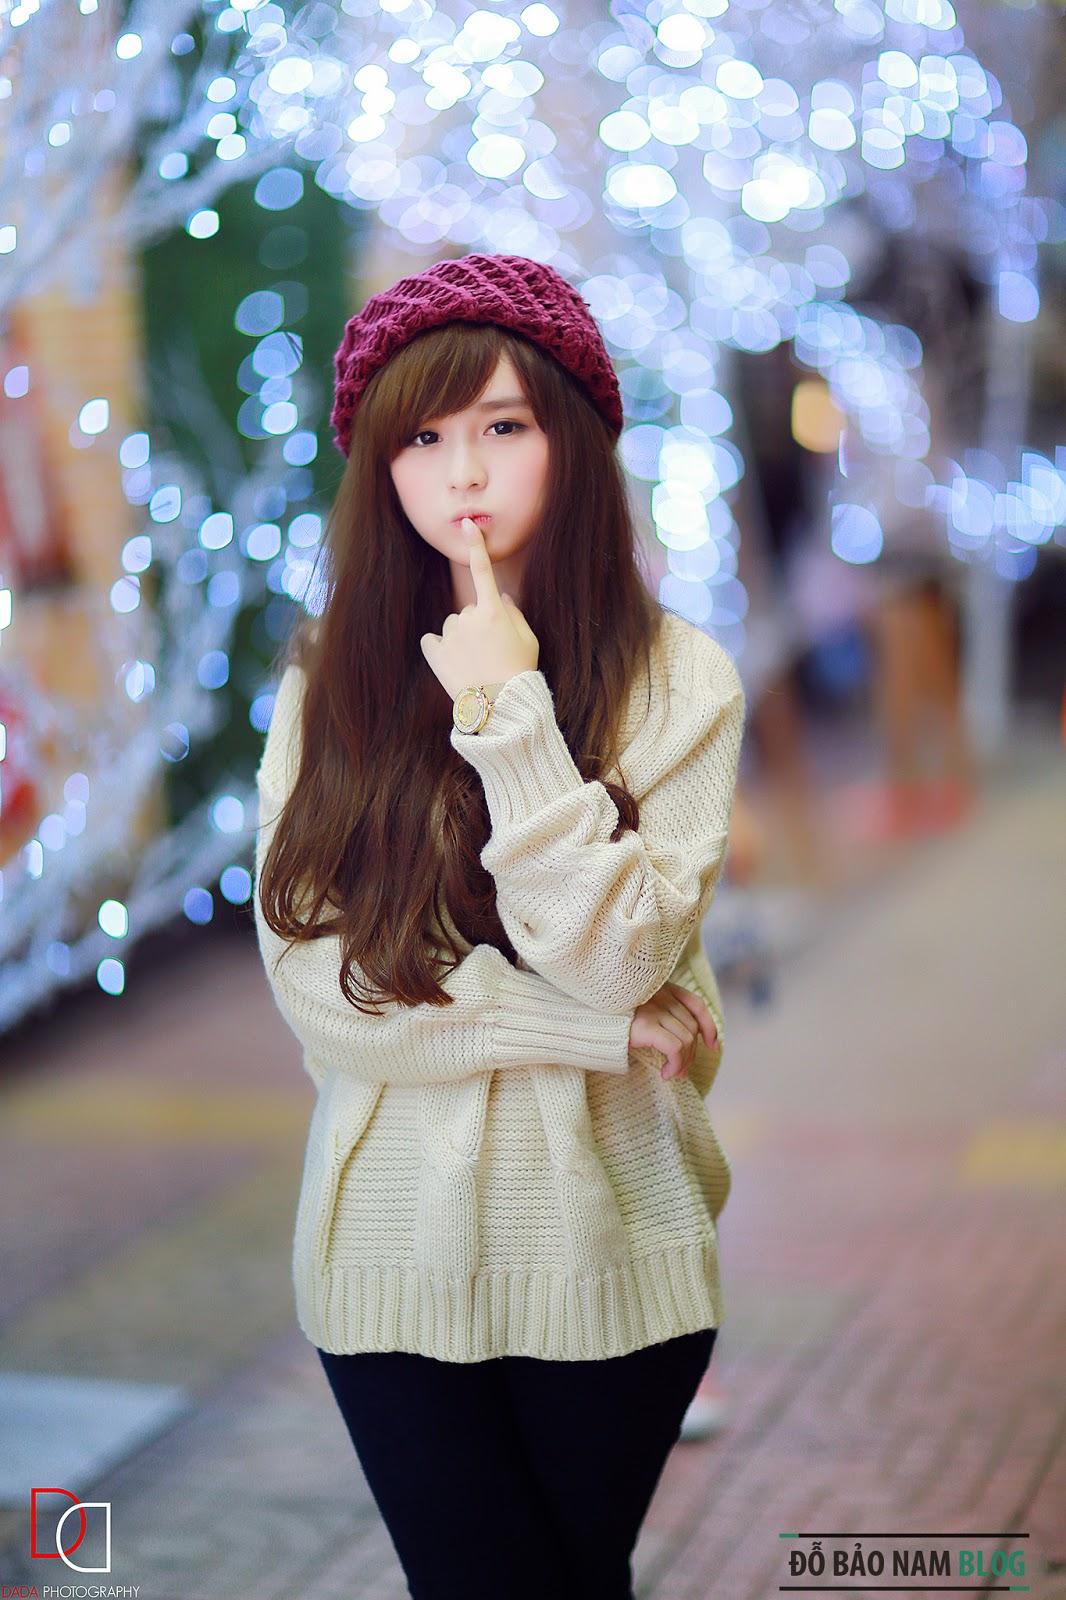 Ảnh đẹp girl xinh mới nhất 2014 được tuyển chọn 08